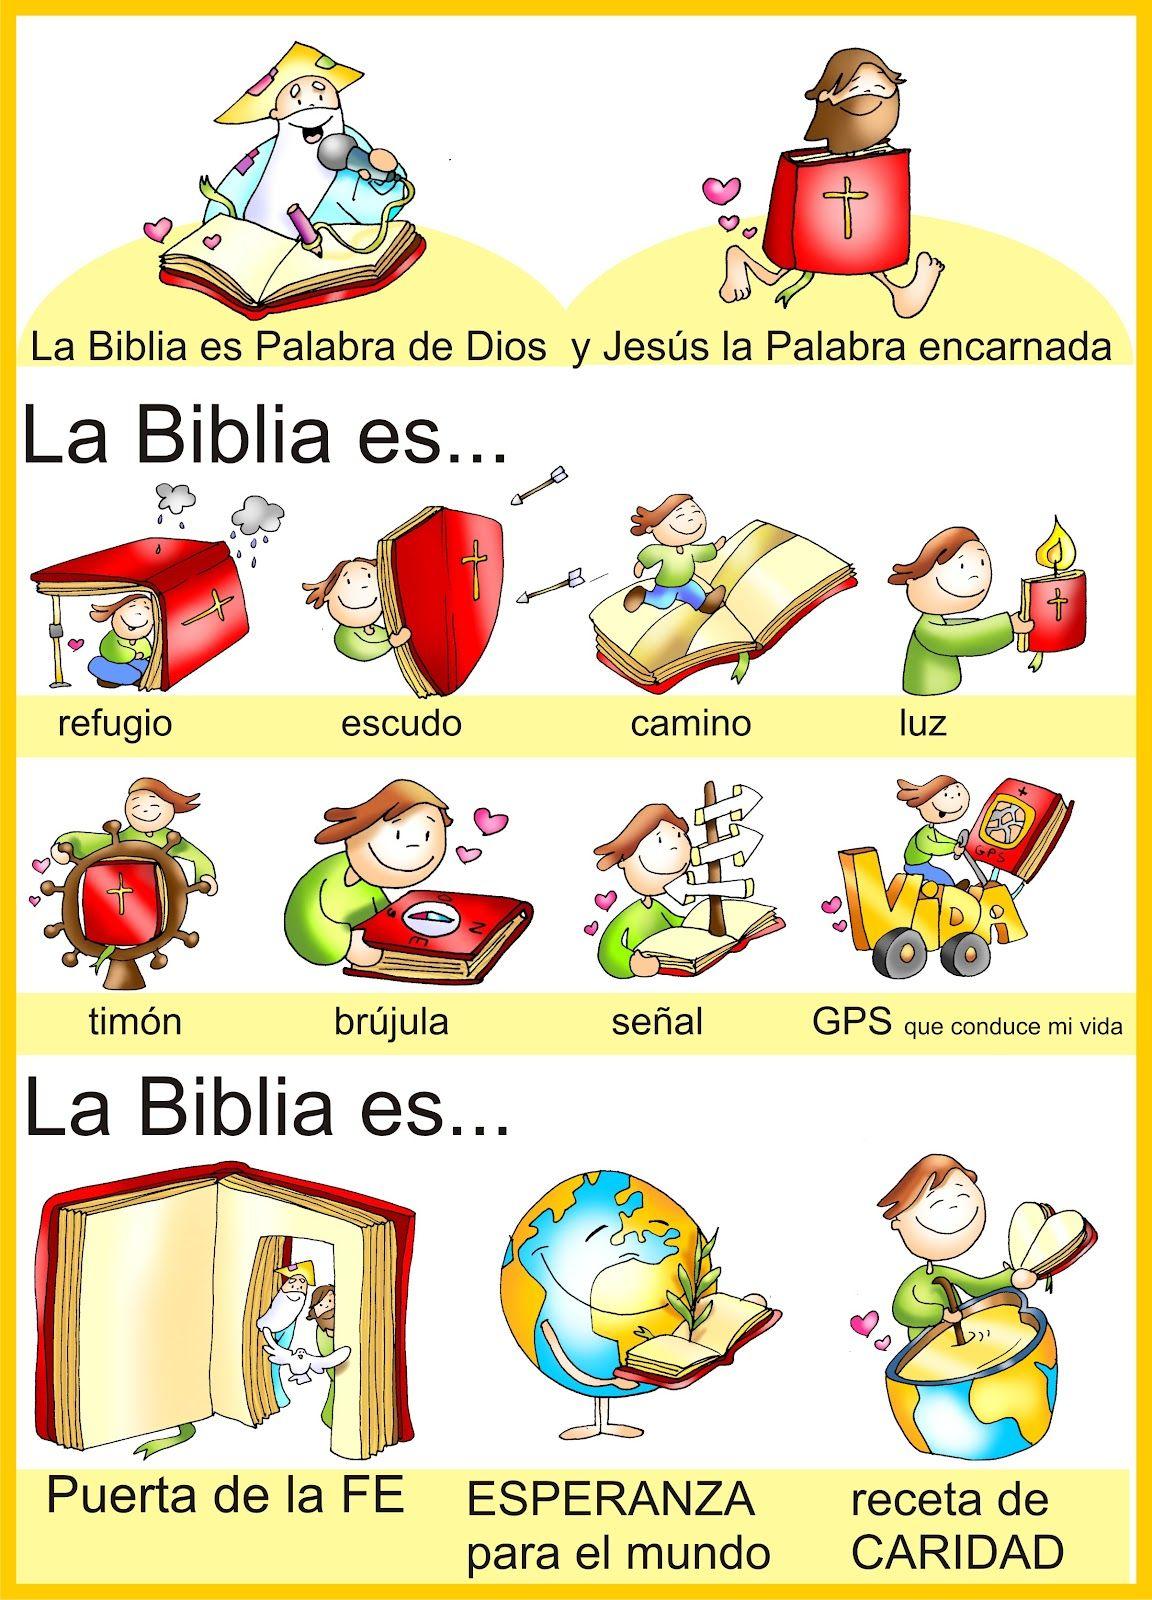 Blog Del Profesorado De Religion Catolica La Biblia En El Aula Recursos Biblicos Lecciones Biblicas Para Ninos Biblia Manualidades De La Biblia Para Ninos